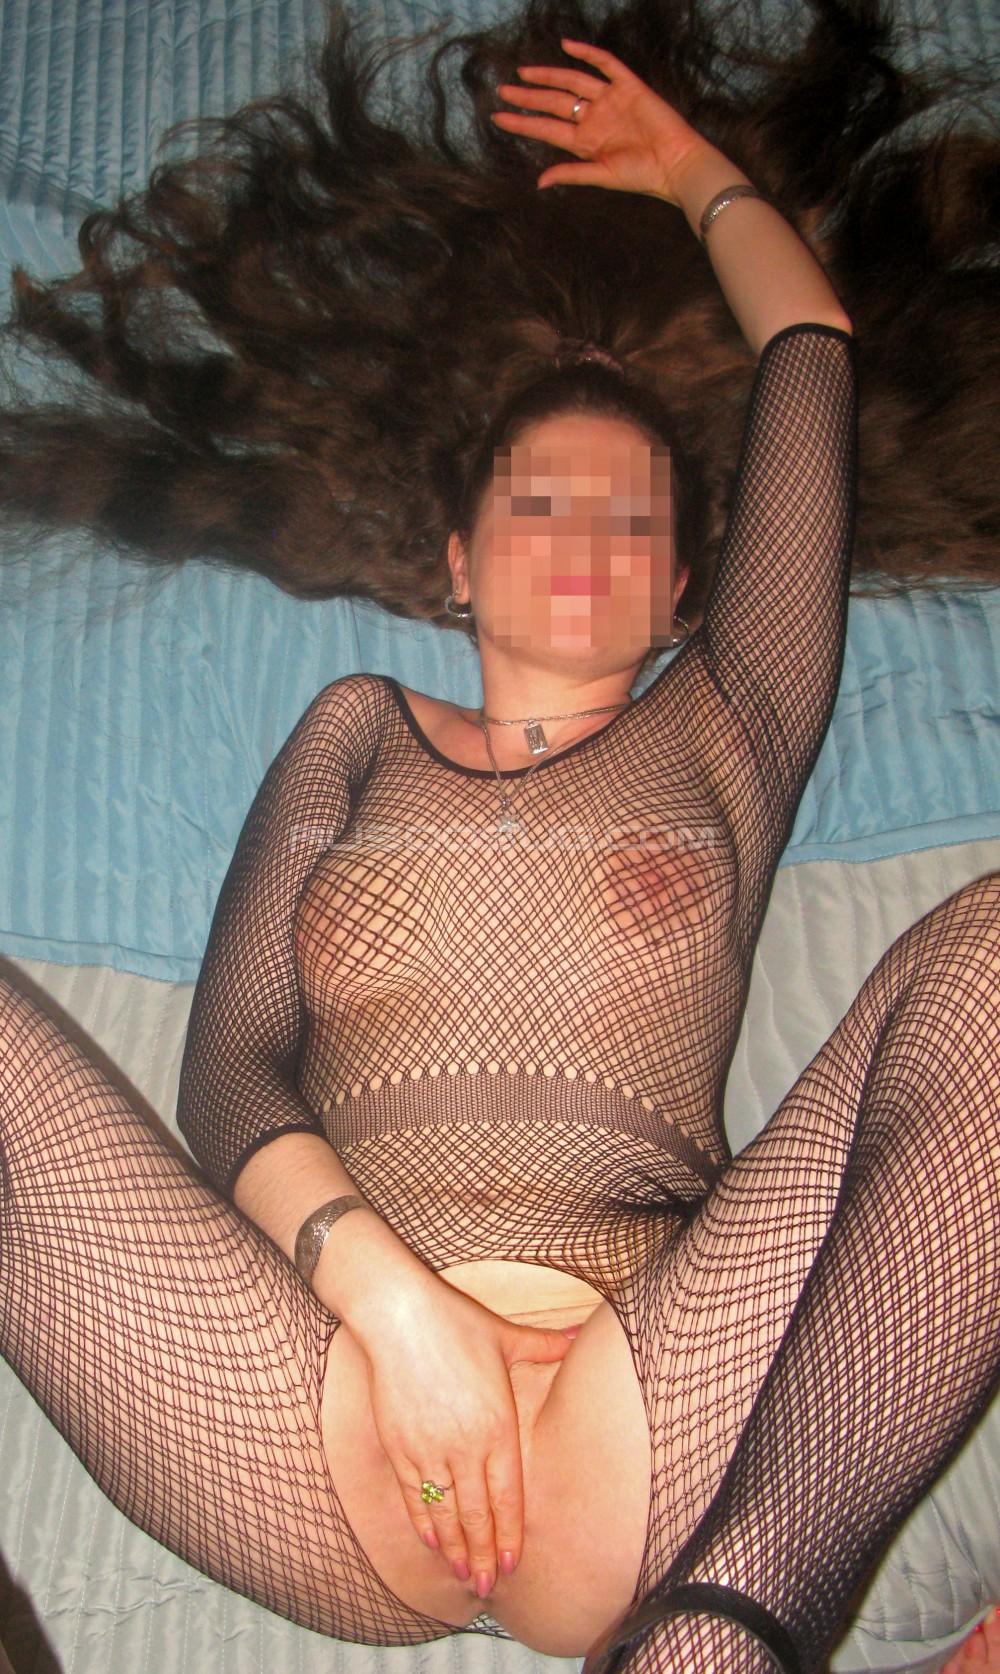 zhena-kupila-mne-prostitutku